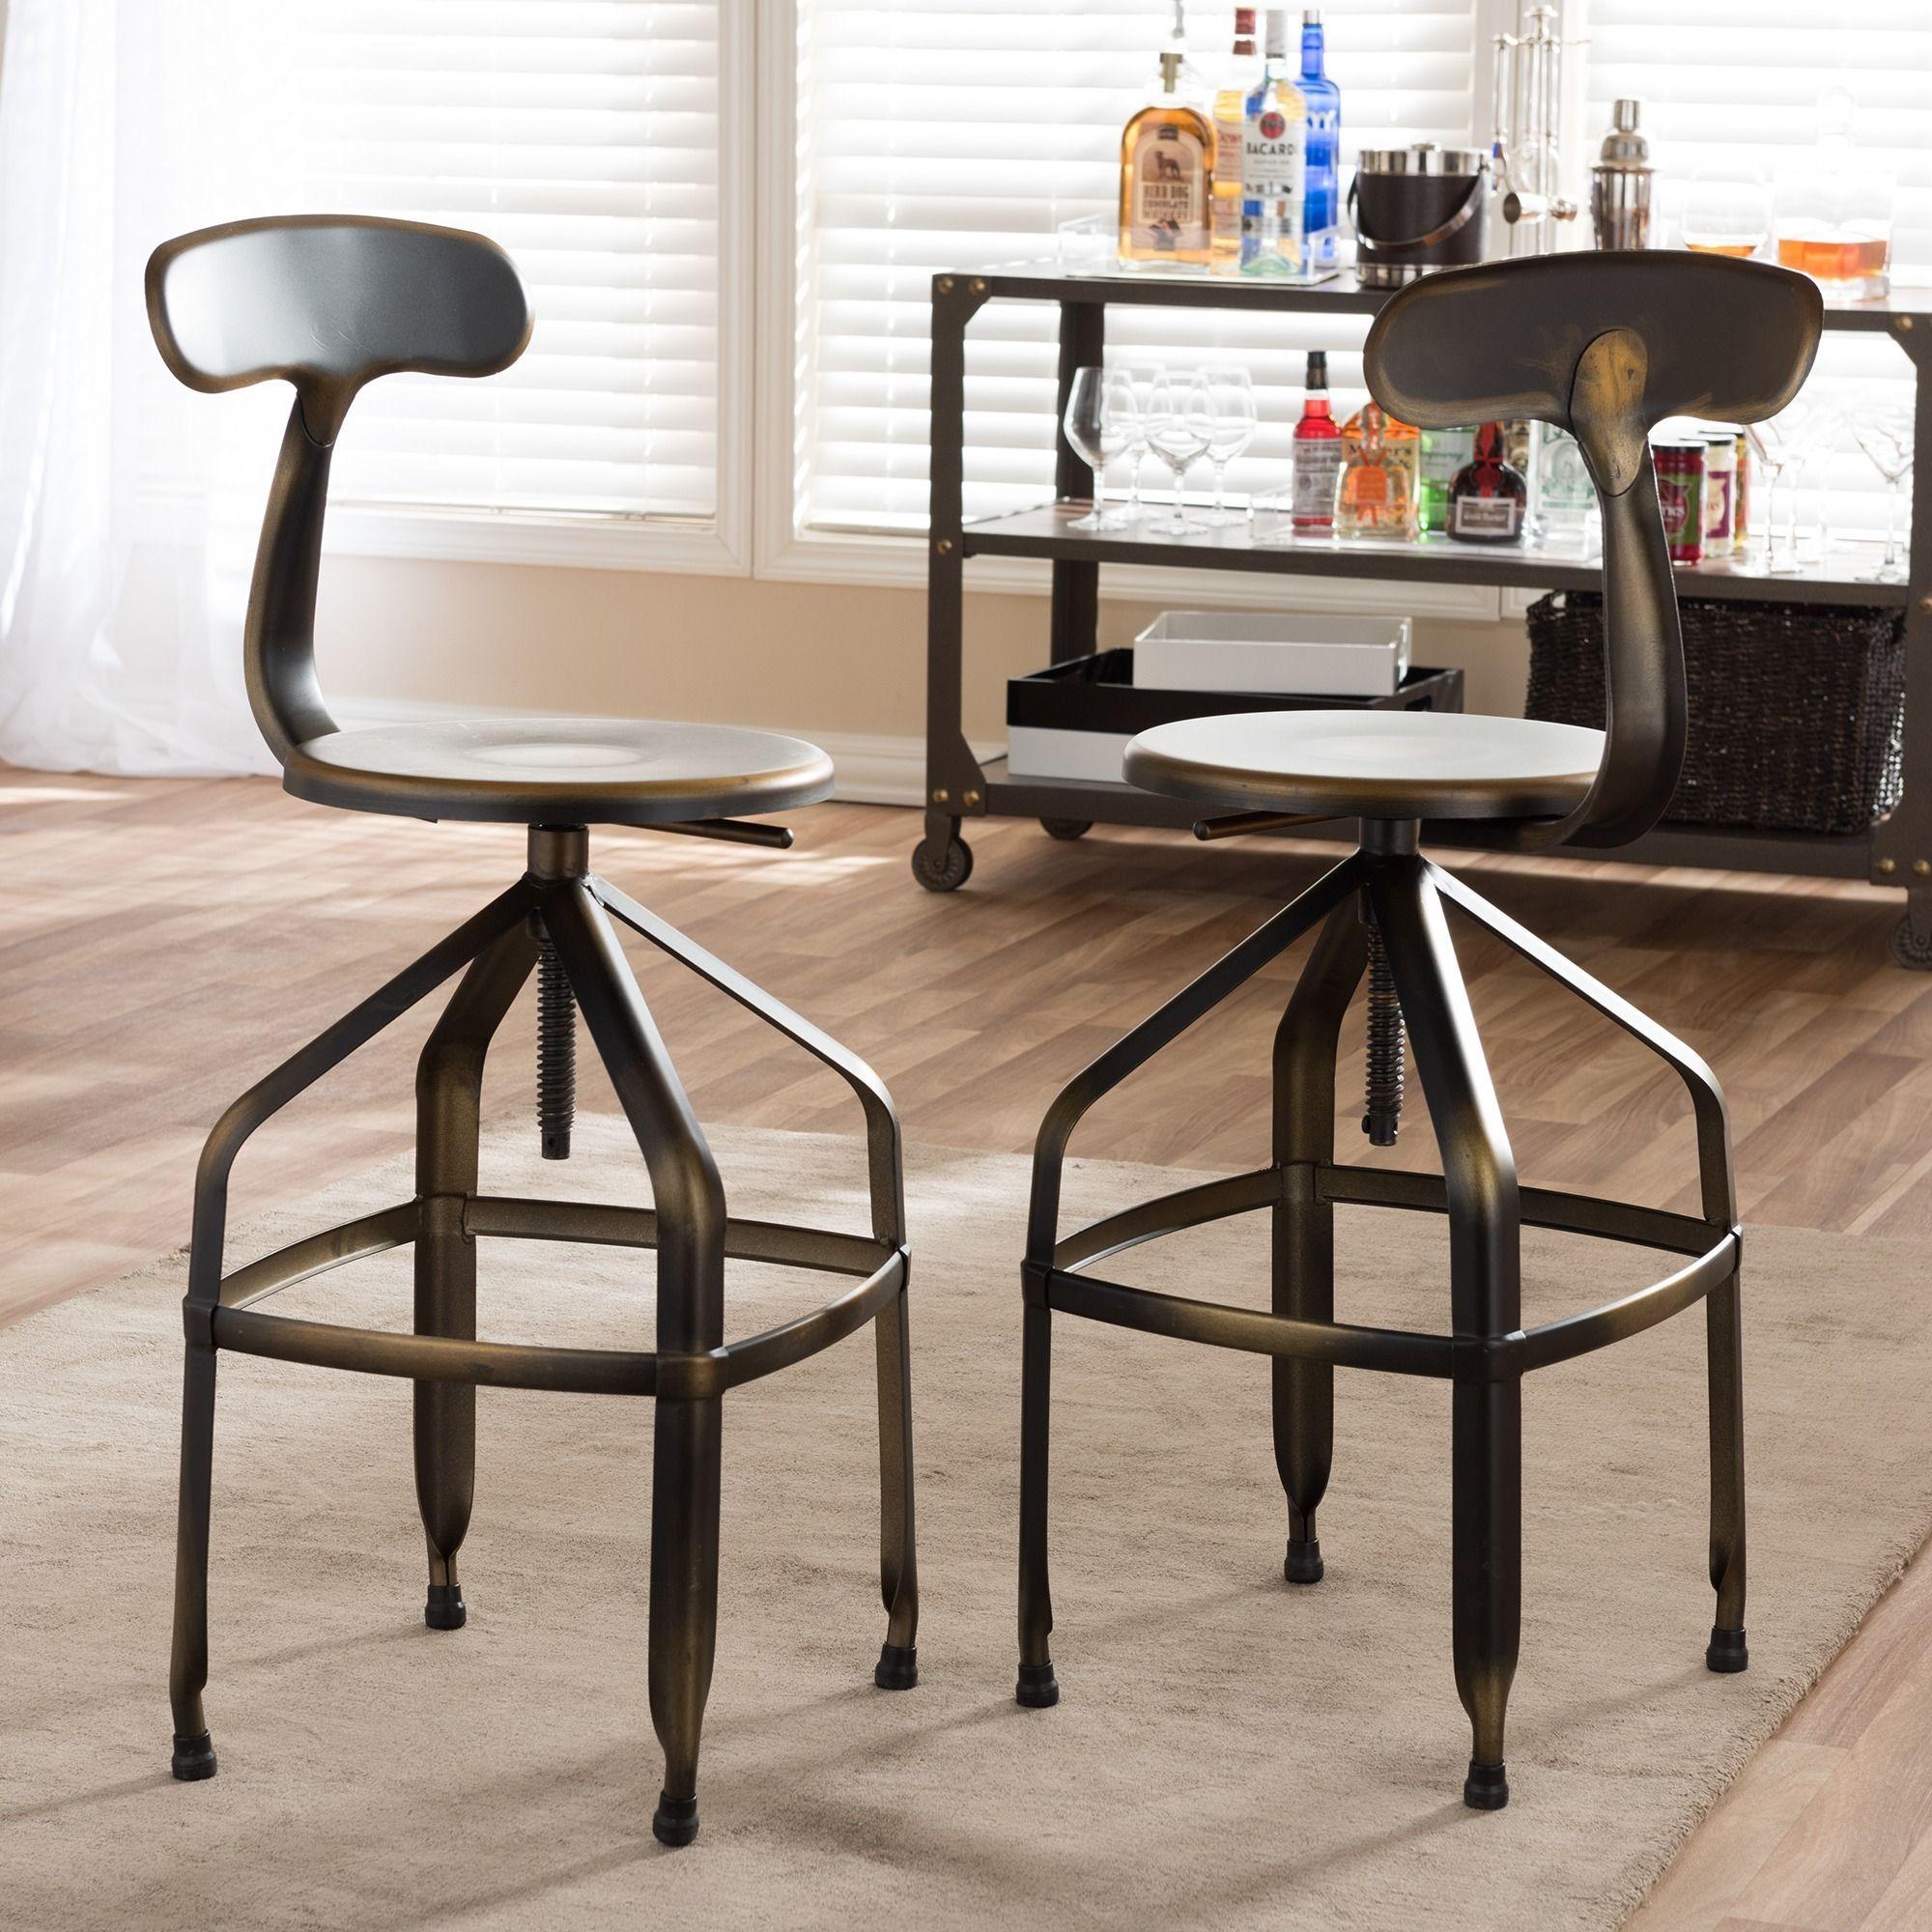 Strange Baxton Studio Architects Industrial Bar Stool In Antiqued Uwap Interior Chair Design Uwaporg